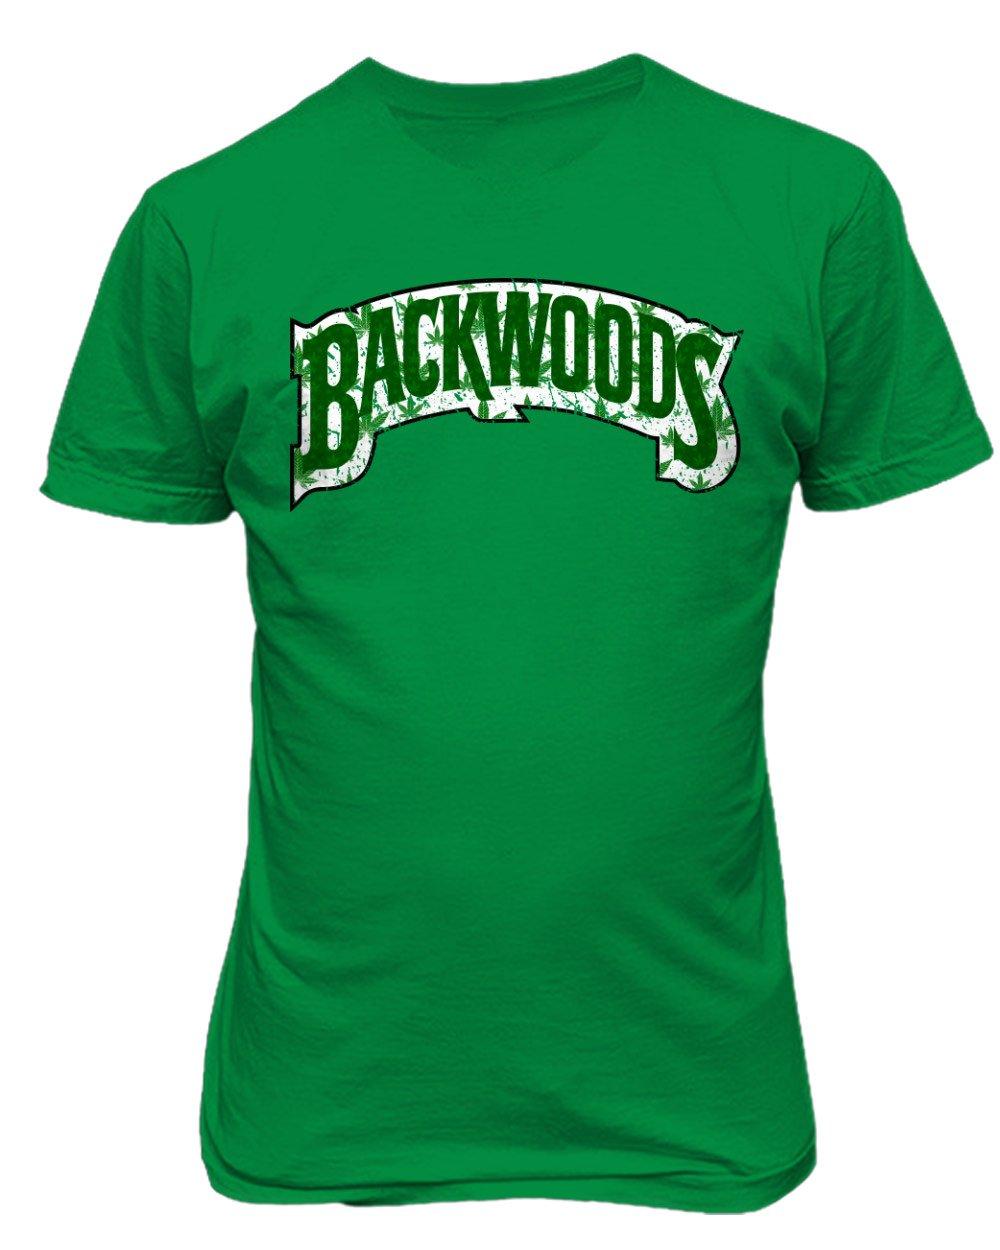 Backwoods S Shirts